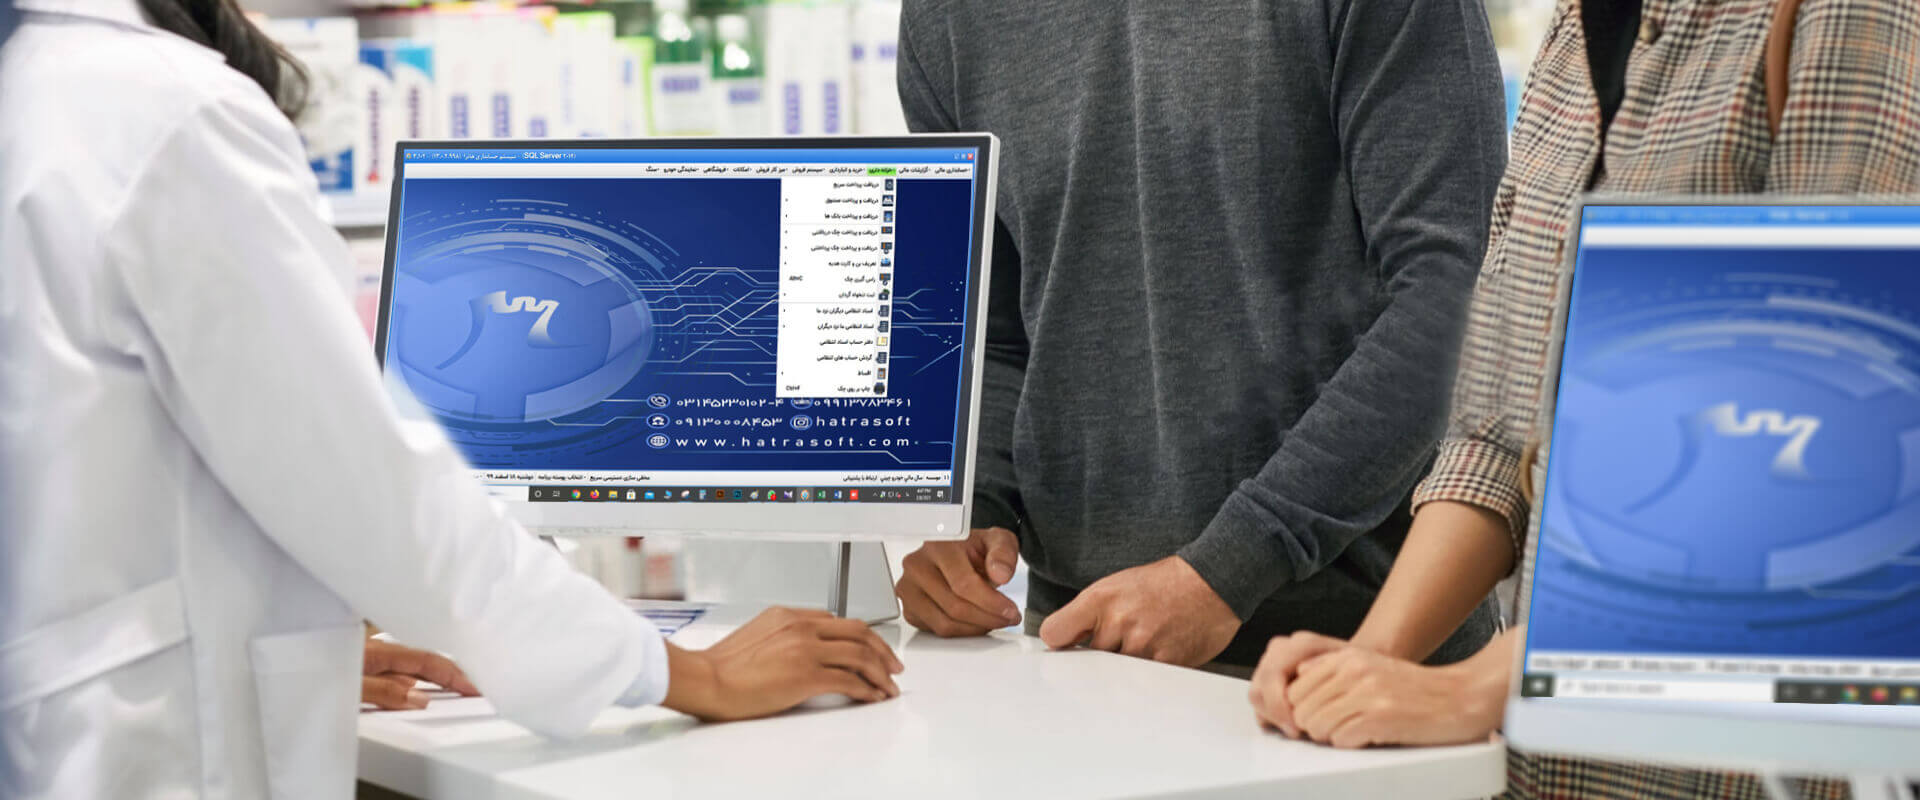 نرم افزار حسابداری مشاغل محدود و سبک